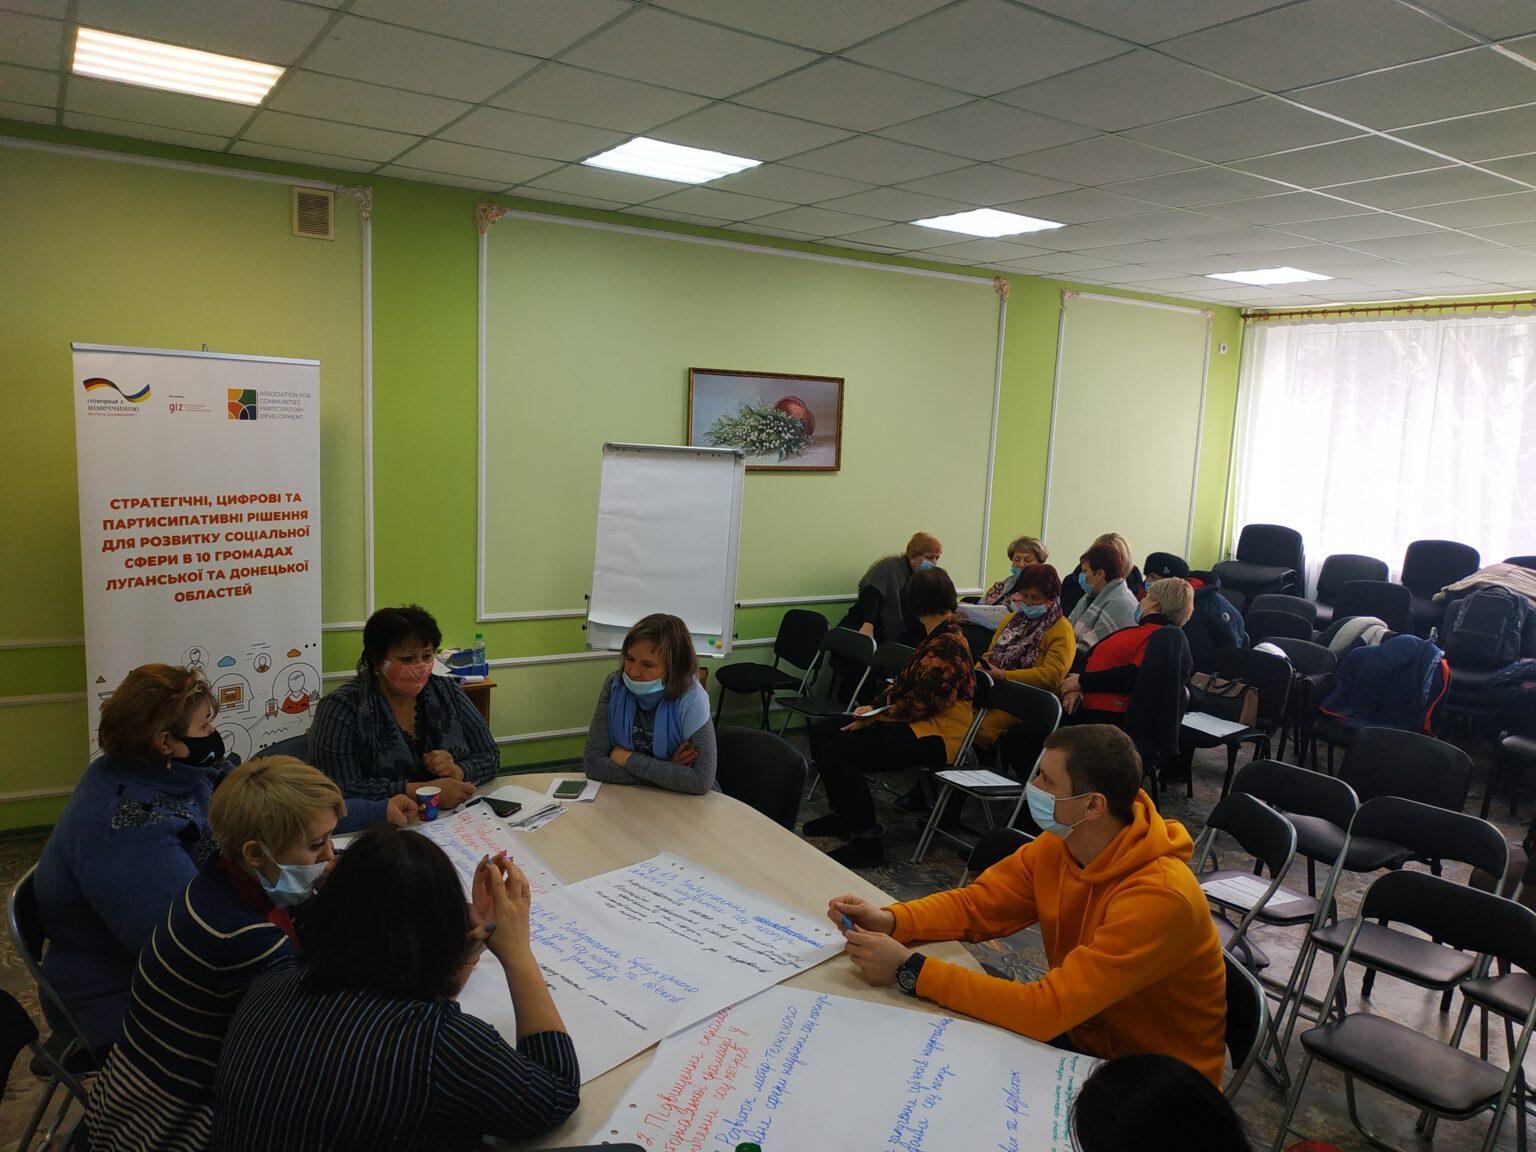 Розроблено проєкт Стратегії розвитку системи соціального захисту на 2021-2026 роки